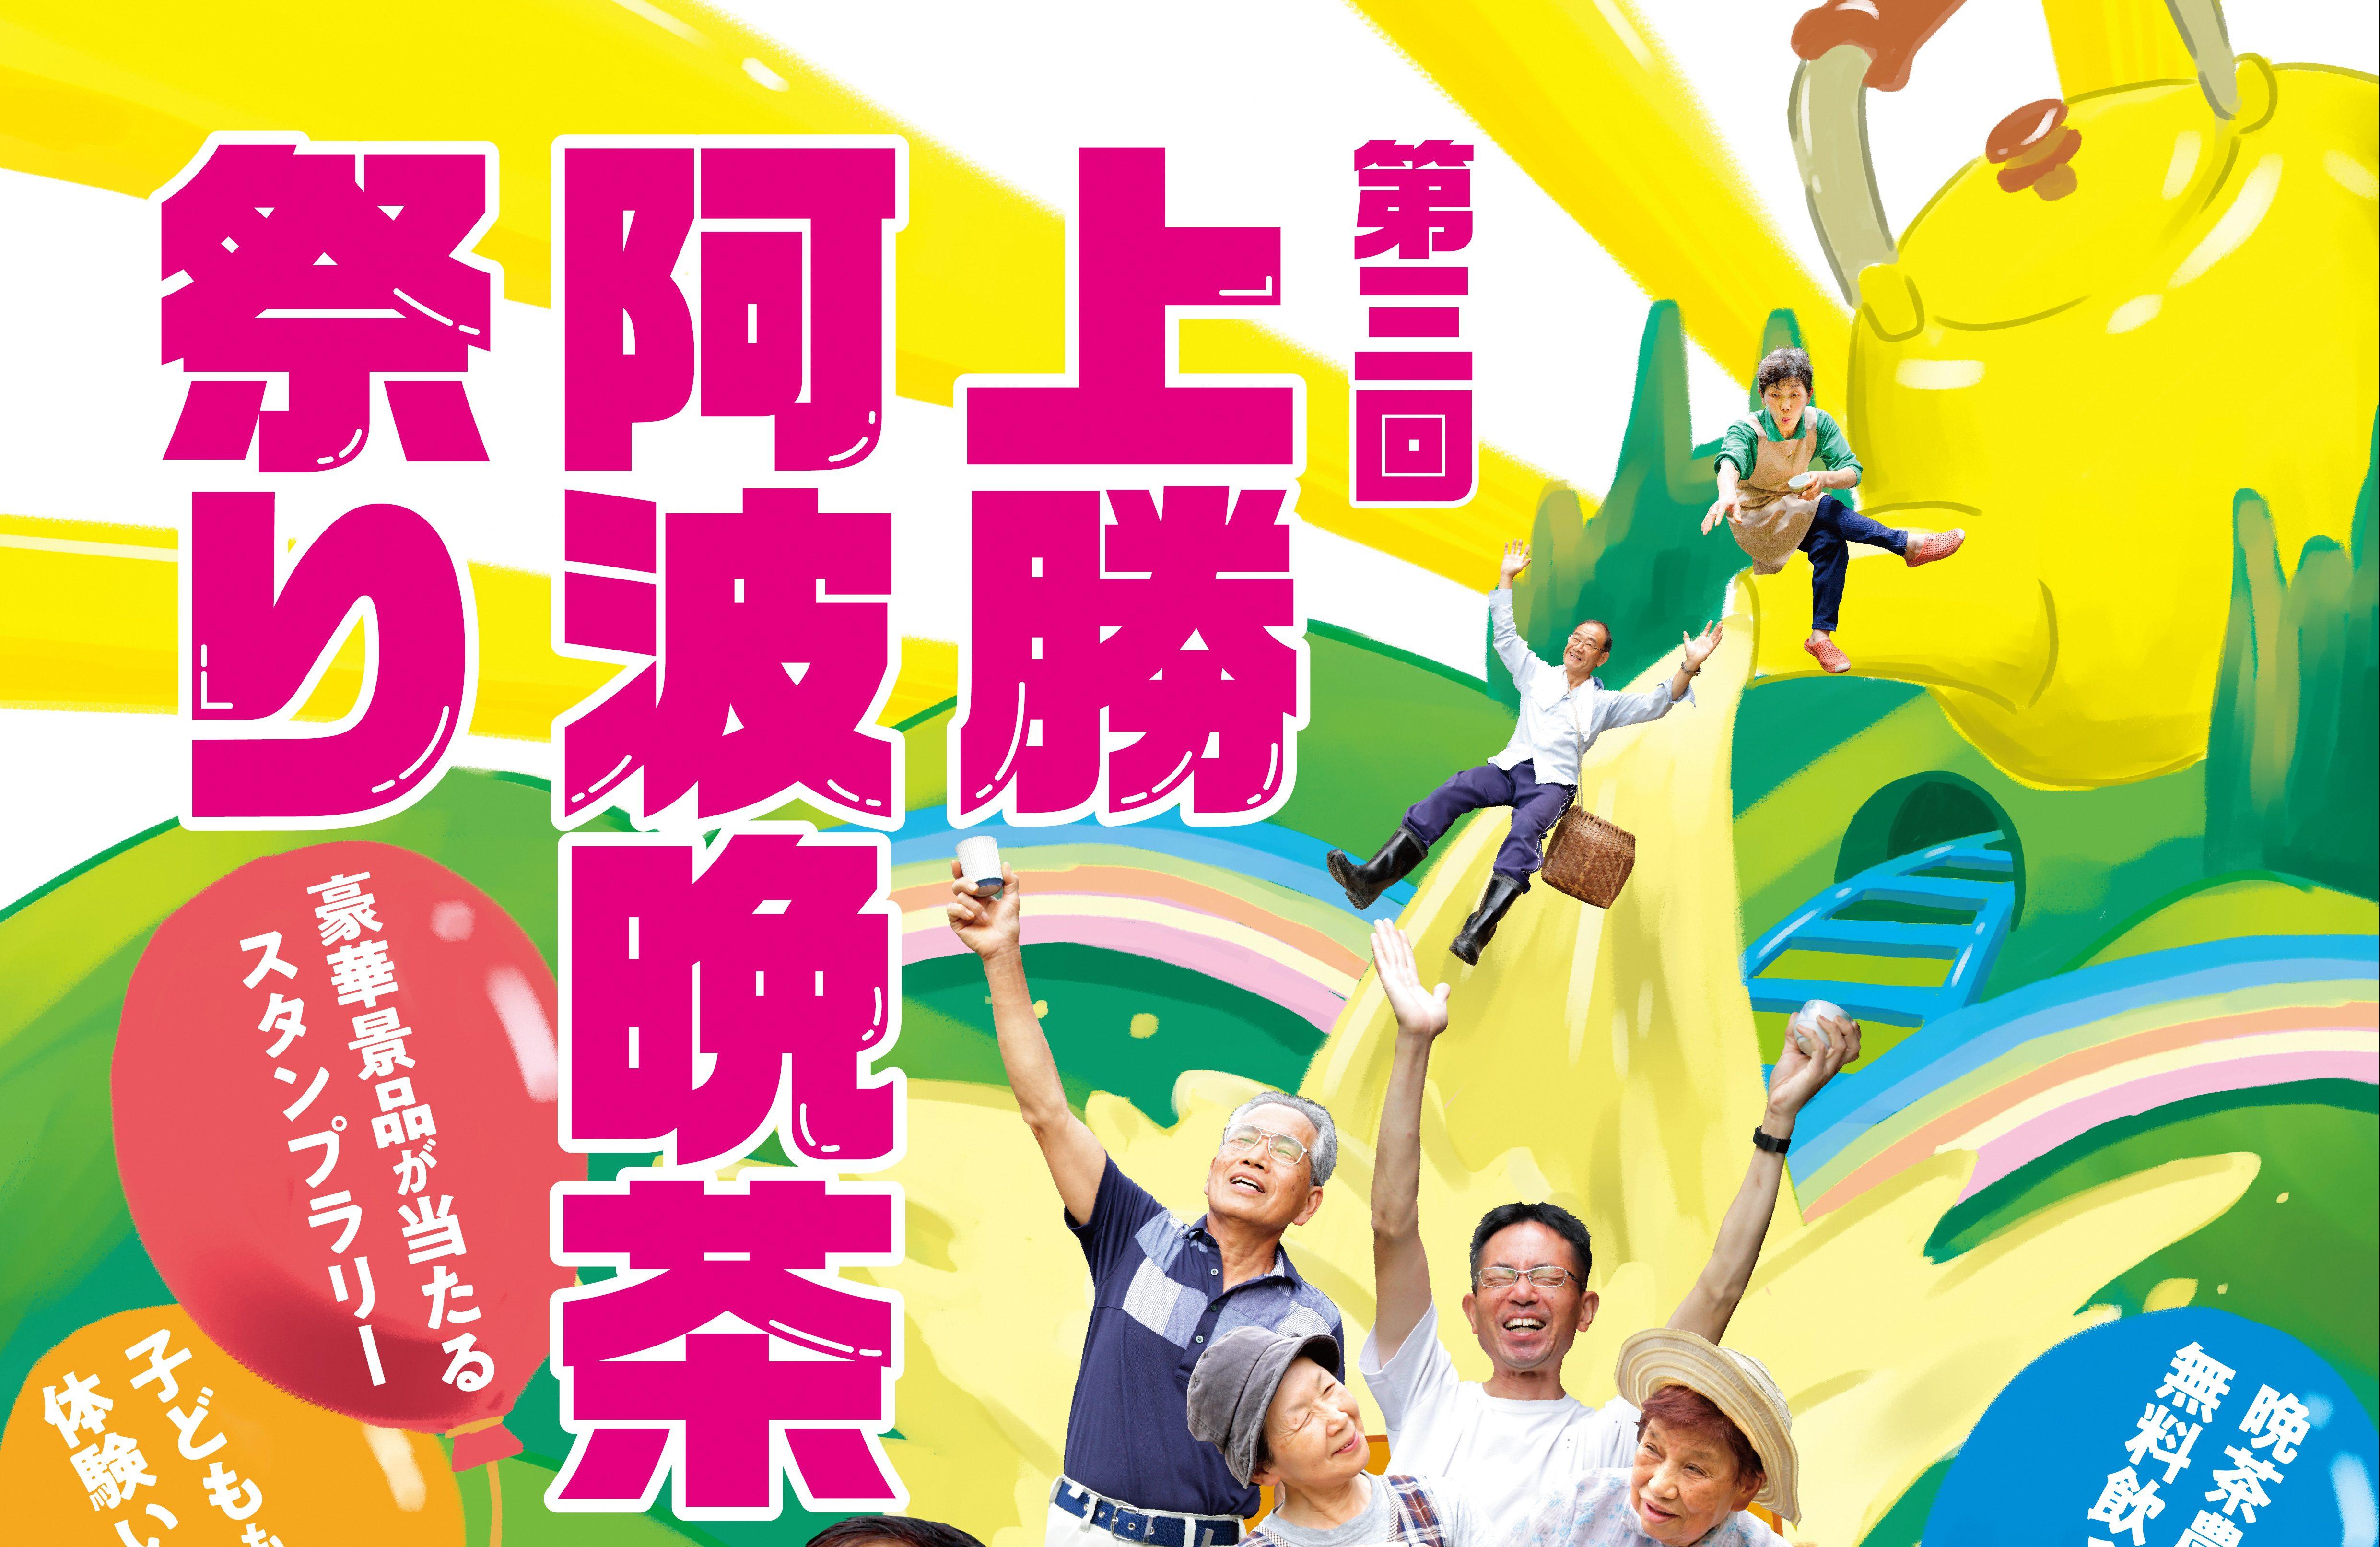 9月29日(土)第3回 阿波晩茶祭り開催!